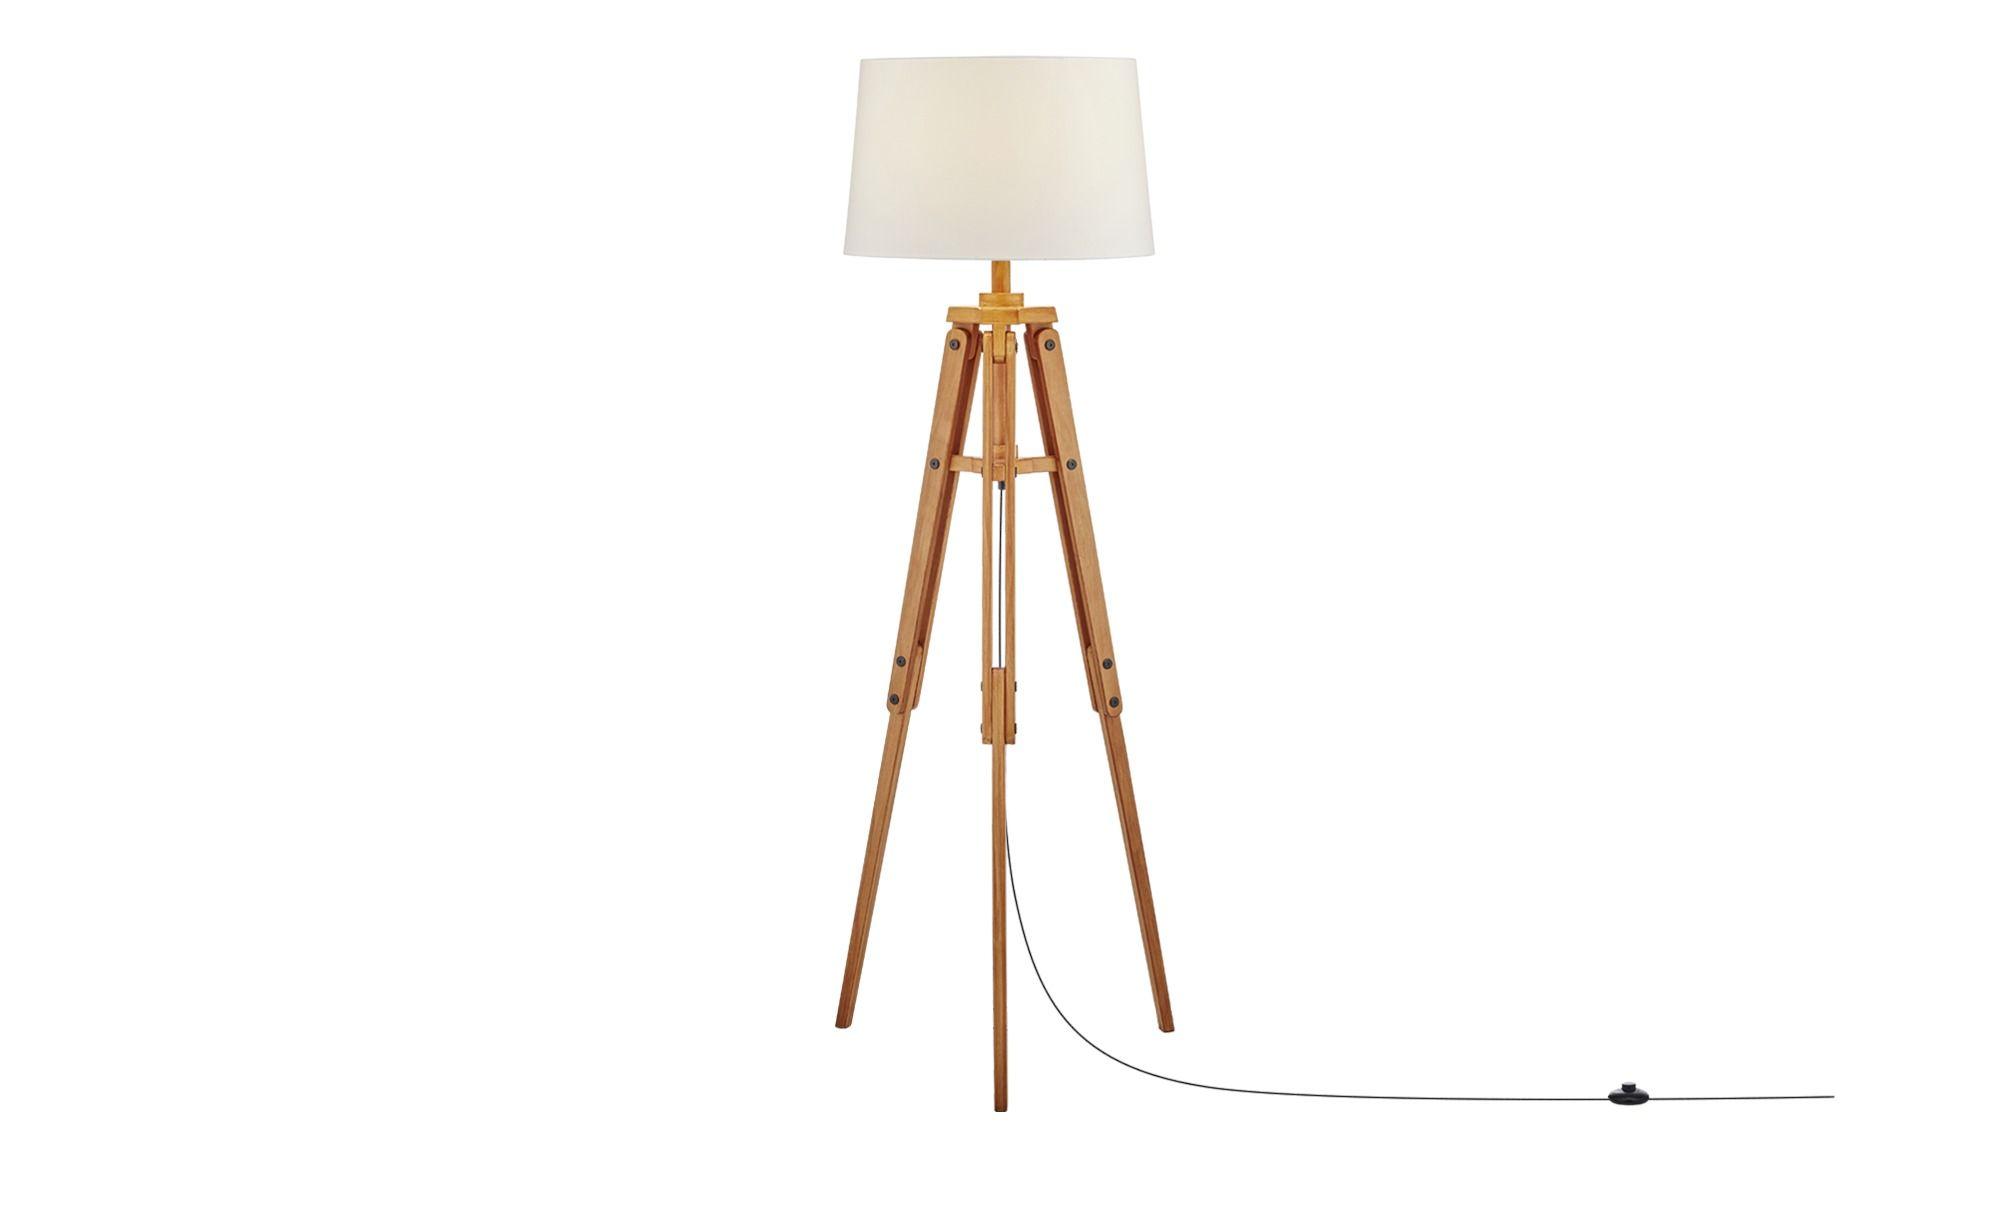 Superb 3 Bein Stehleuchte, 1 Flammig Holz Jetzt Bestellen Unter:  Https://moebel.ladendirekt.de/lampen/stehlampen/standleuchten/?uidu003d198496e1 B702 5792 Ab4c   ... Design Ideas